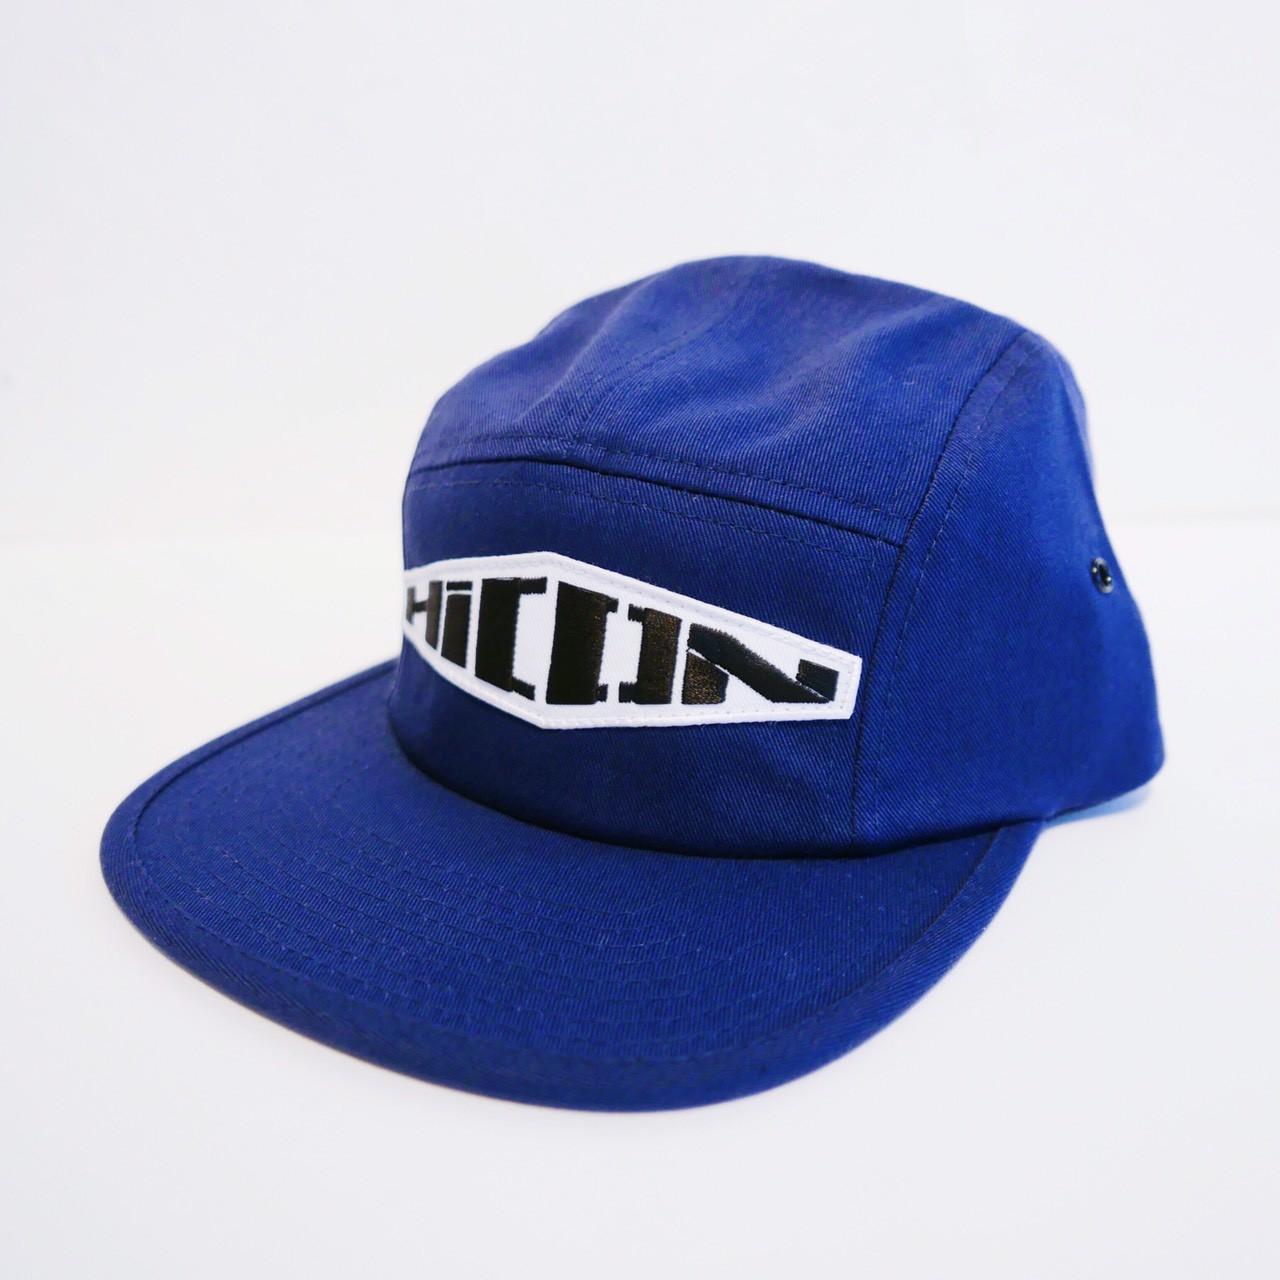 JET CAP & SNAPBACK CAP